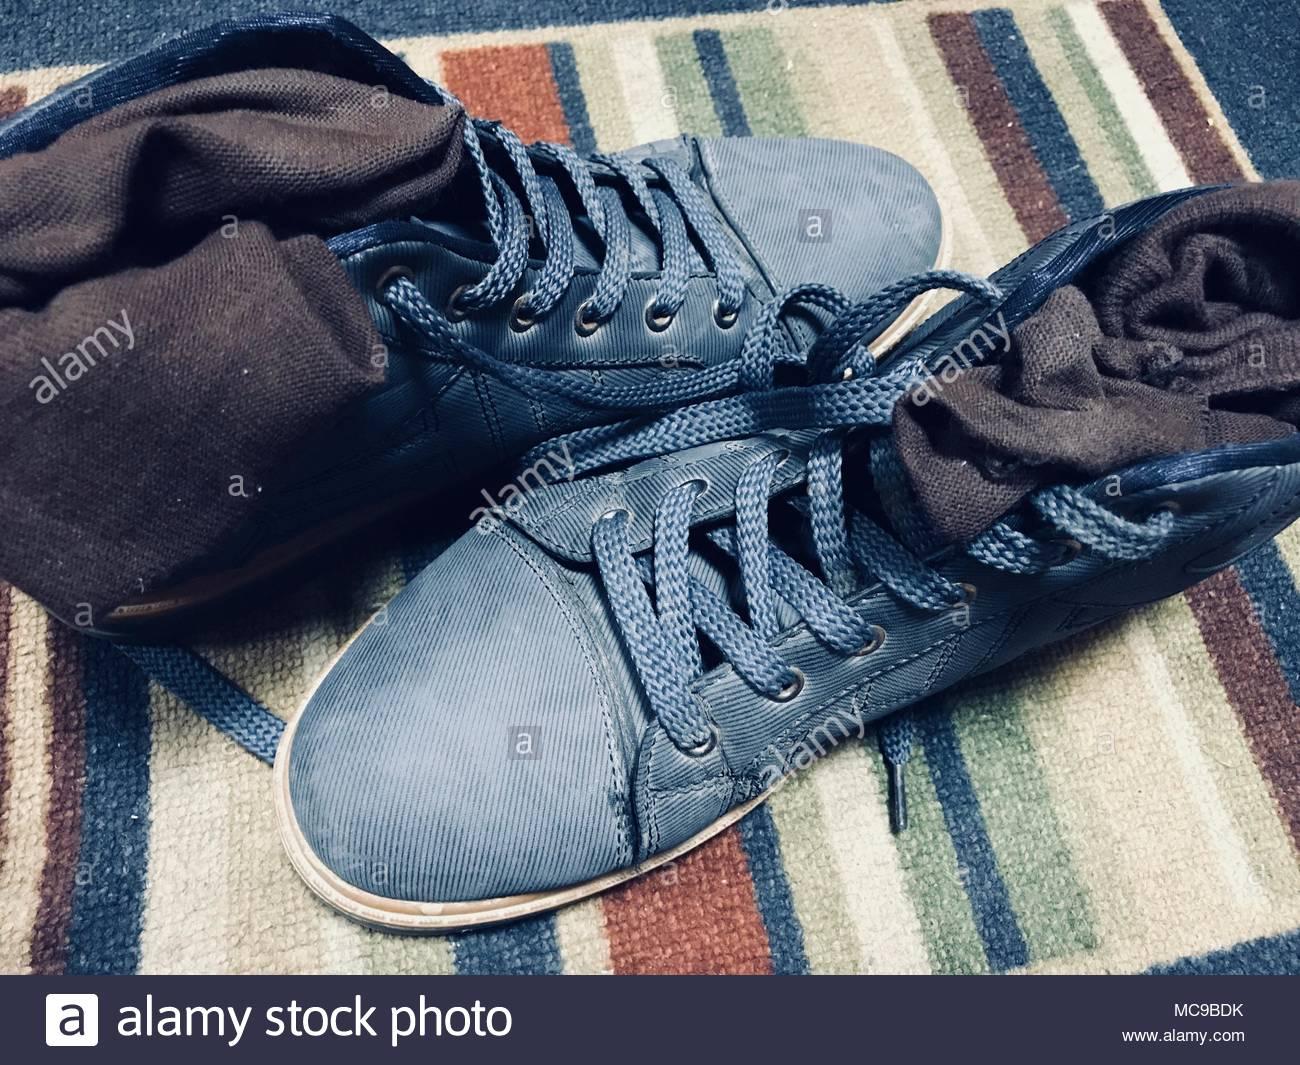 Viejos zapatos en azul . Mi viejo calzado deportivo. Imagen De Stock